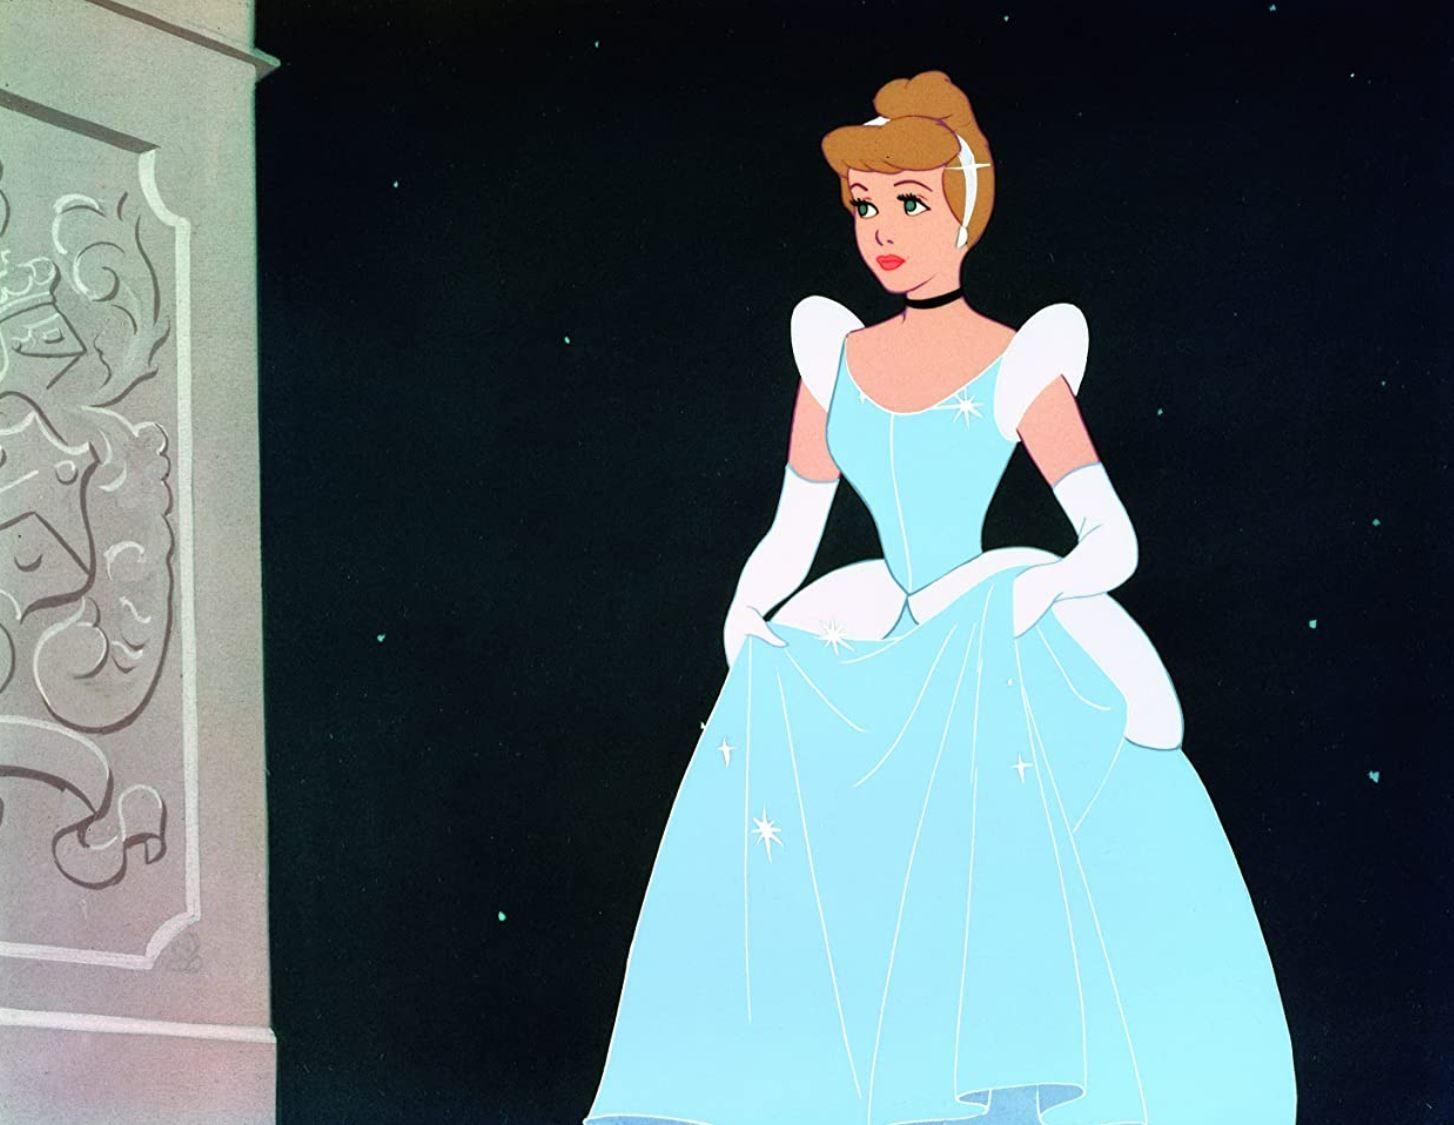 Cinderella at the ball (1950)